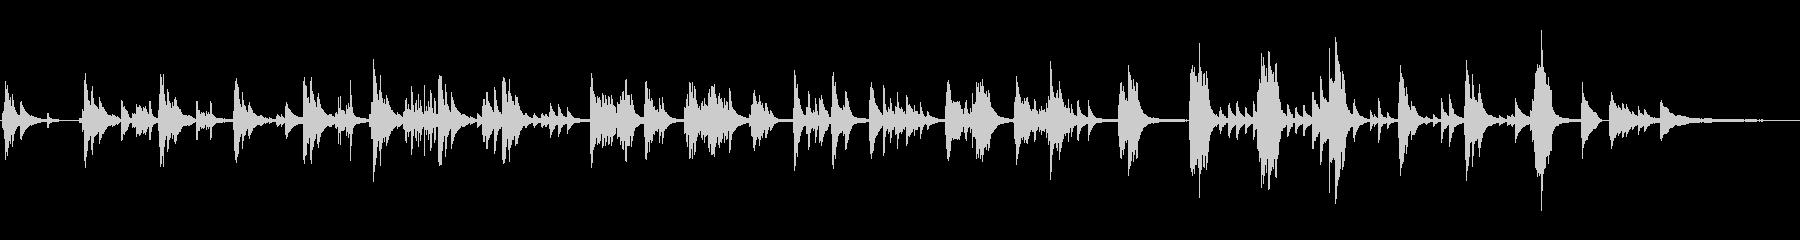 ソロピアノ。繊細な「疑問」のテーマ...の未再生の波形